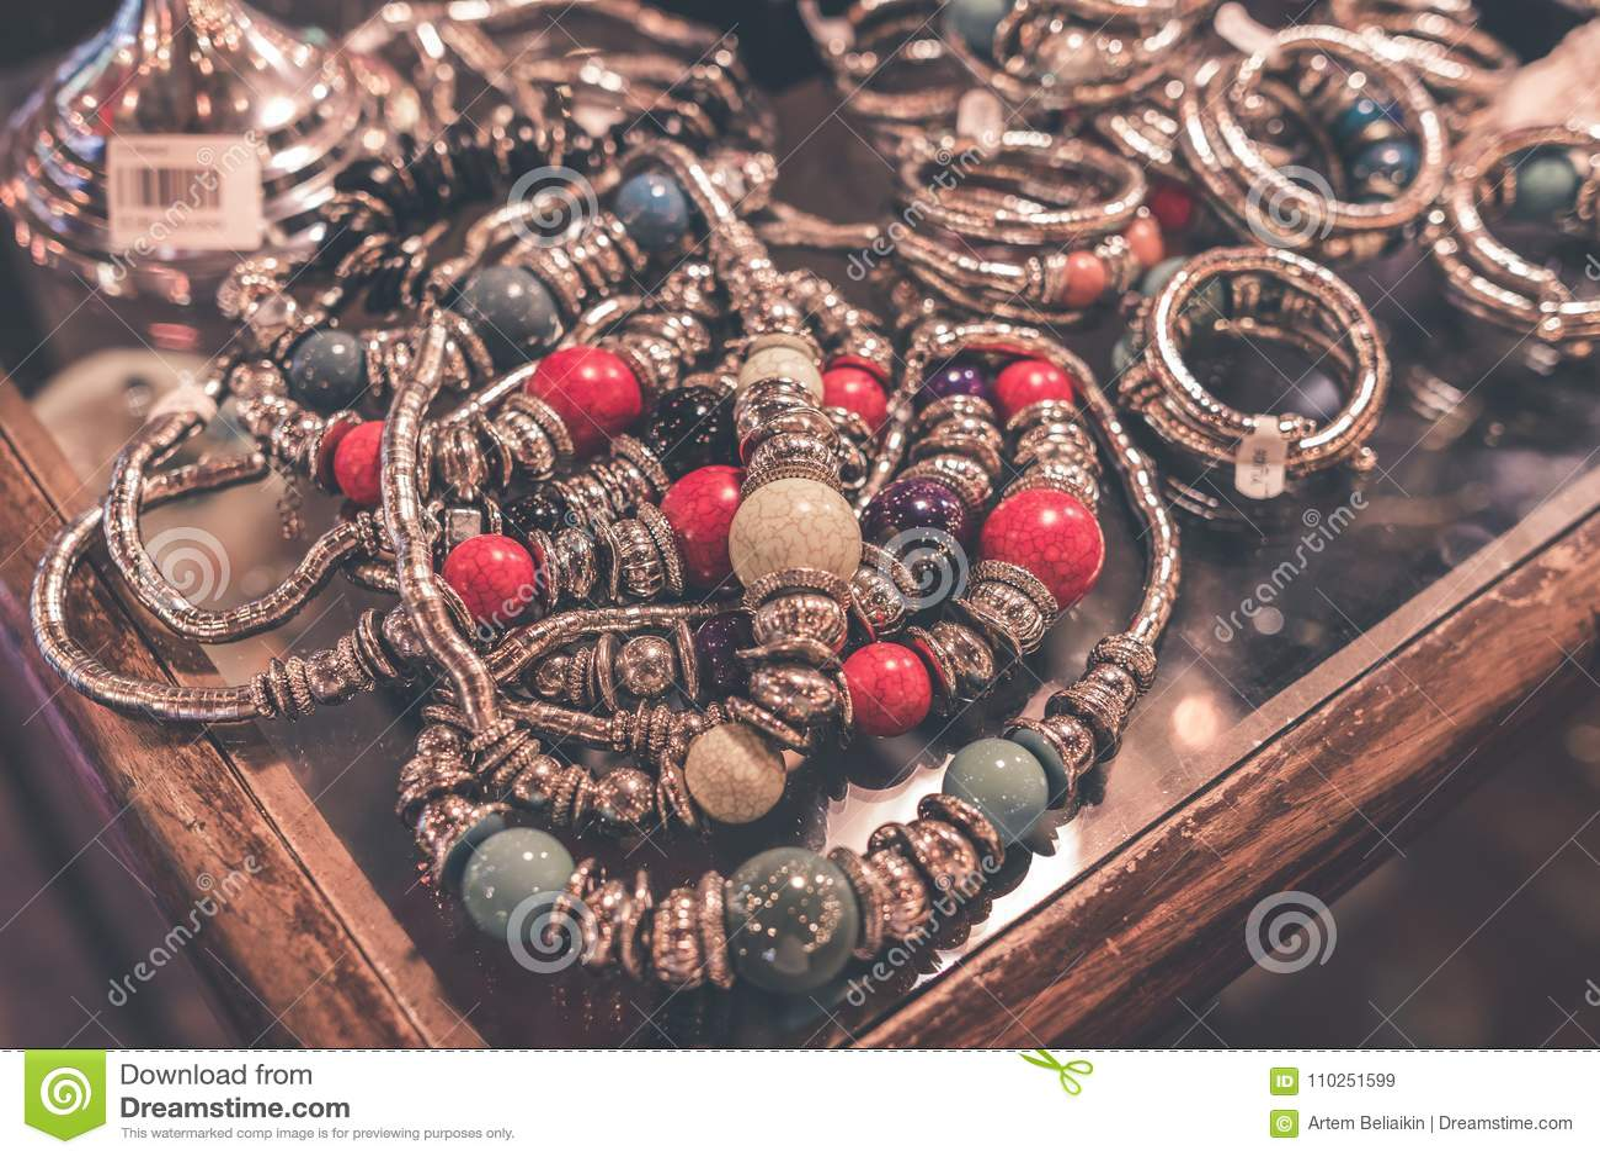 eef6a940e228 Accesorios Del Bijouterie De Las Mujeres En La Tienda Isla De Bali ...